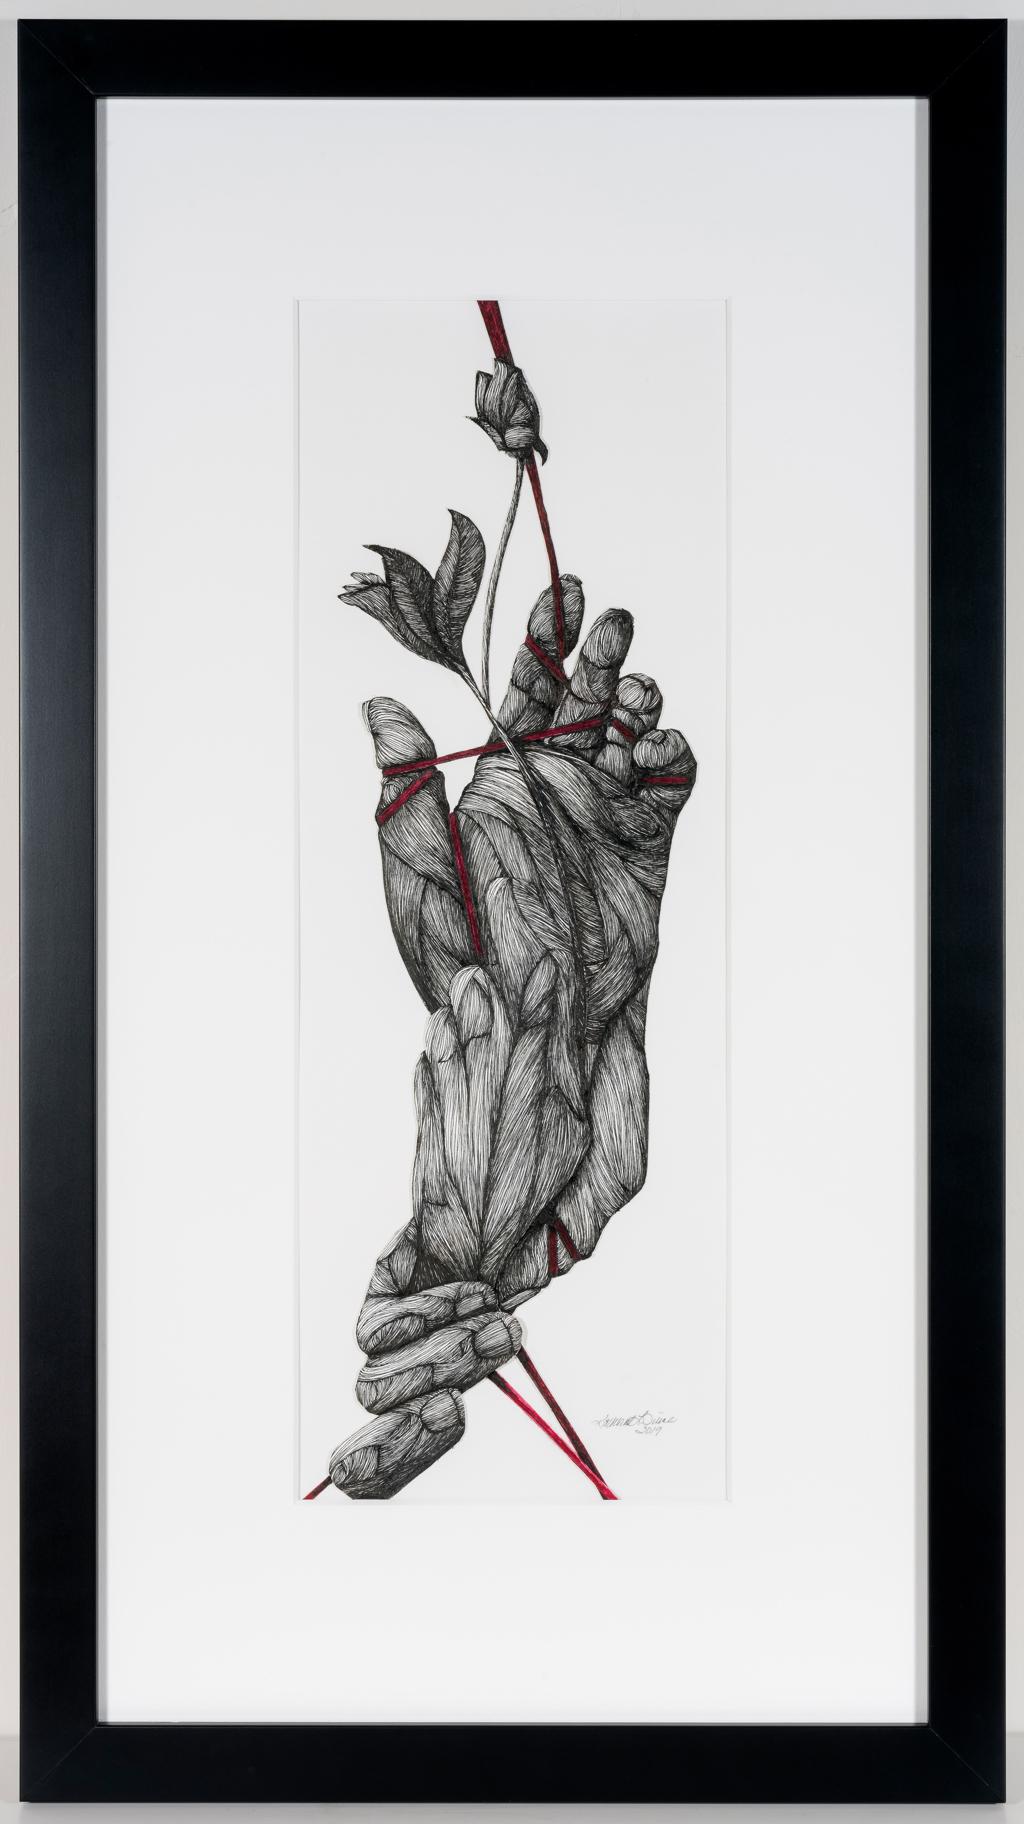 Novum by Katherine Filice